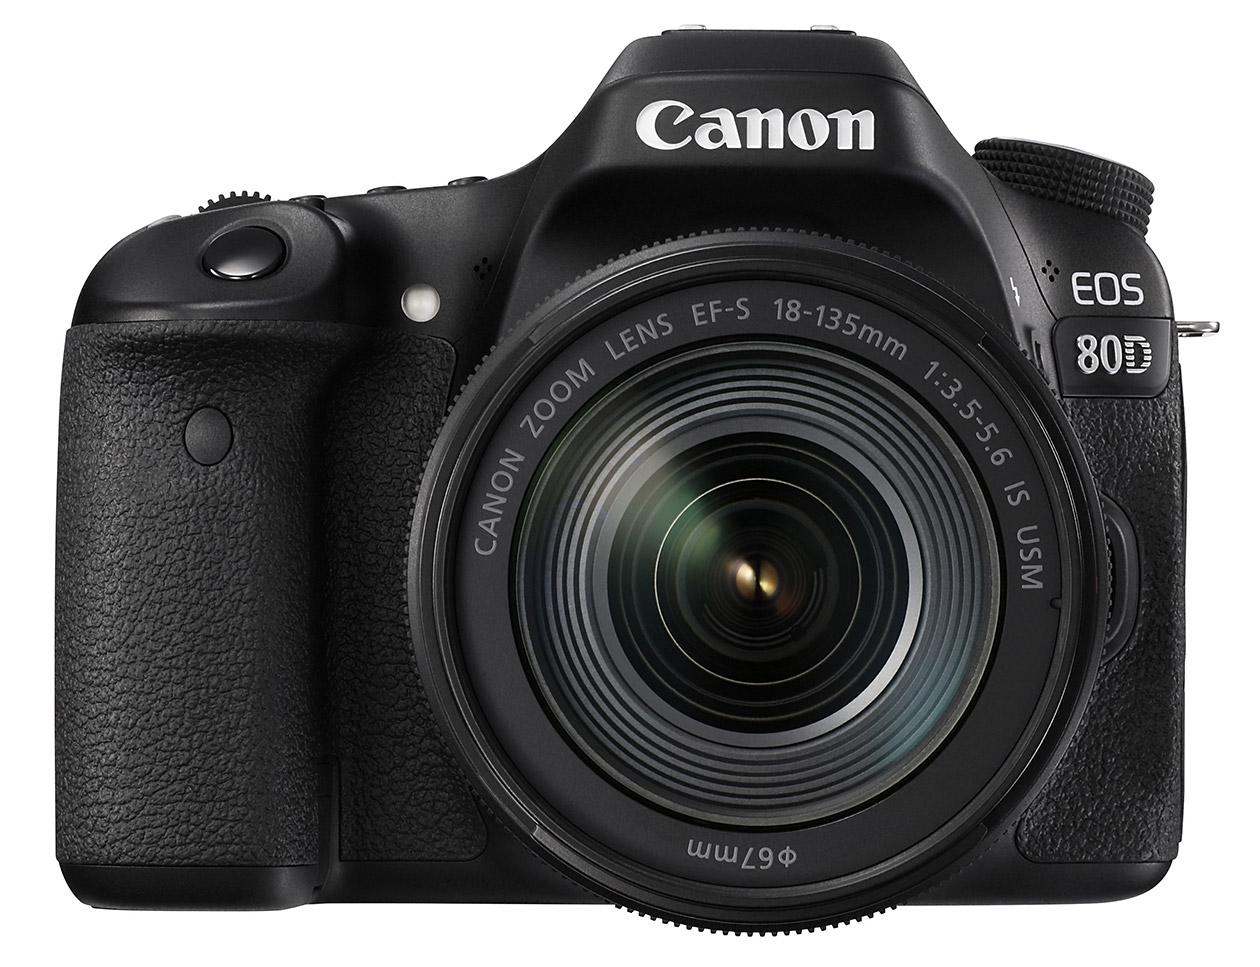 Компания Canon представила зеркальную камеру EOS 80D